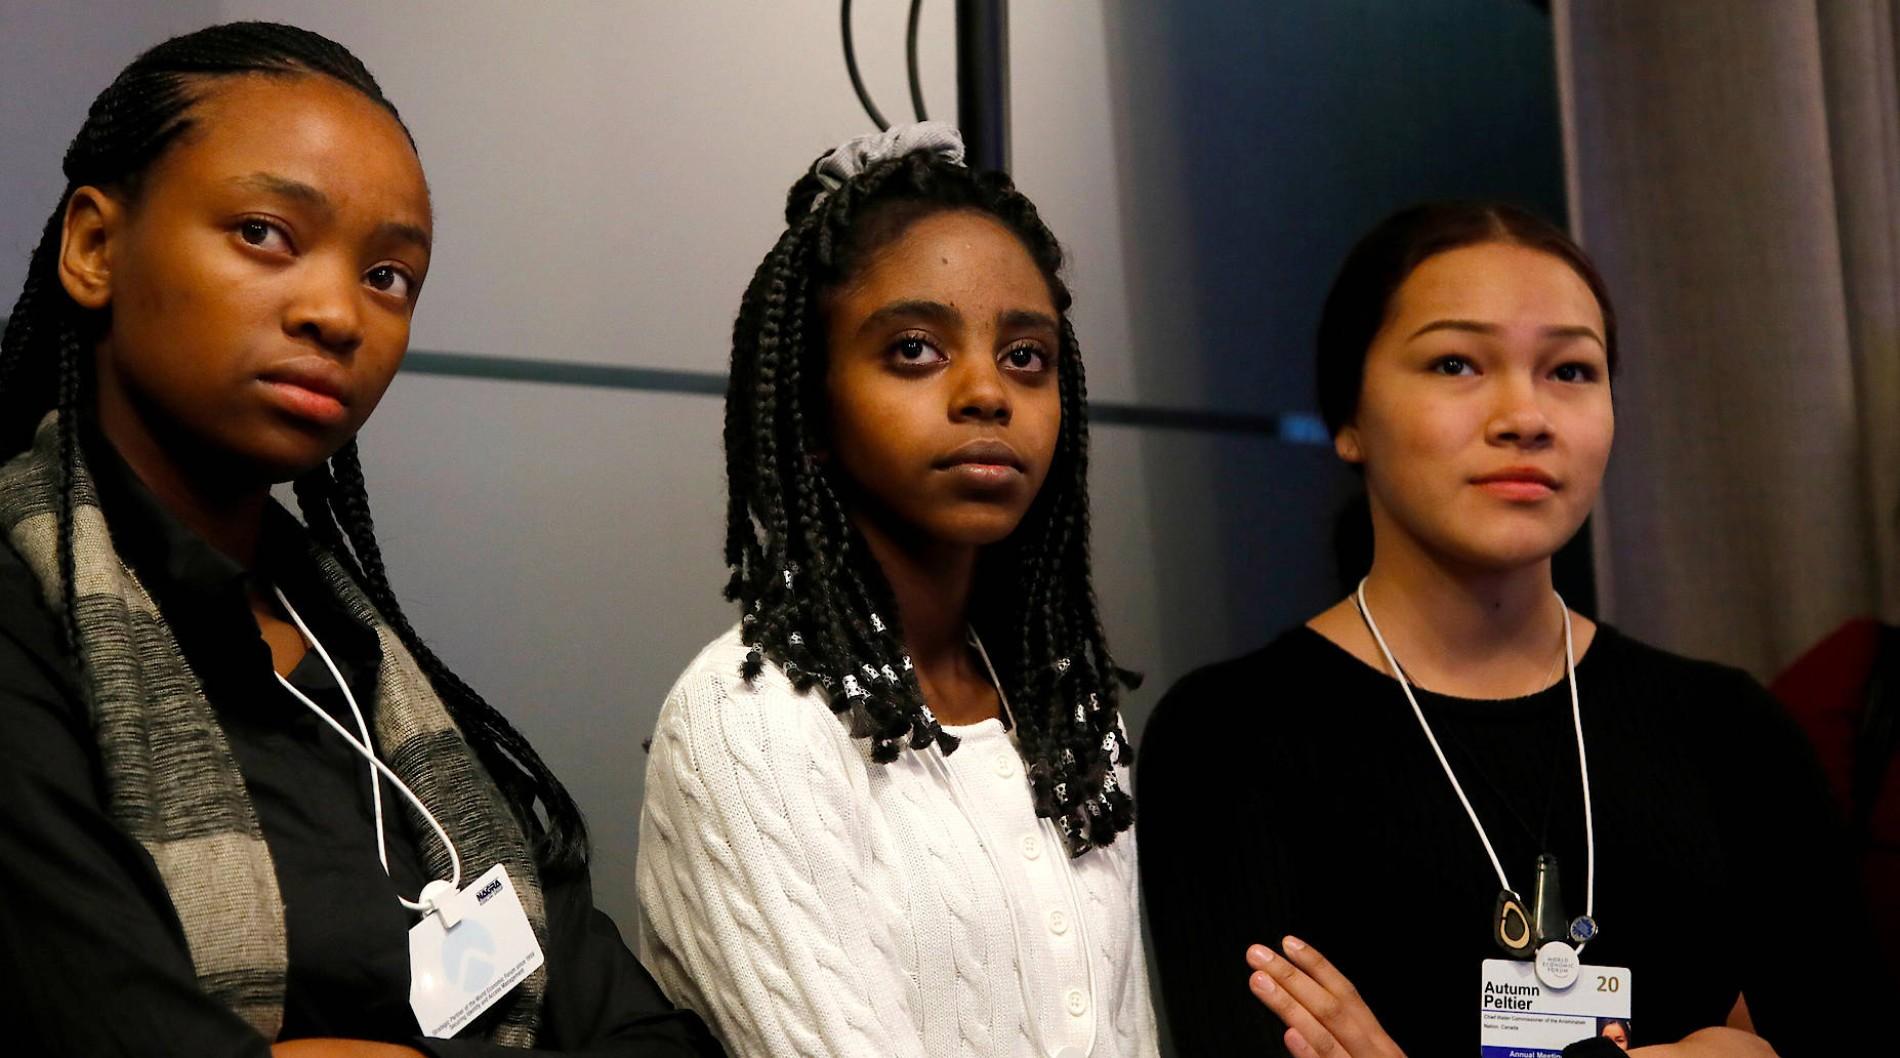 Ein weißes Mädchen zwei schwarze Jungs